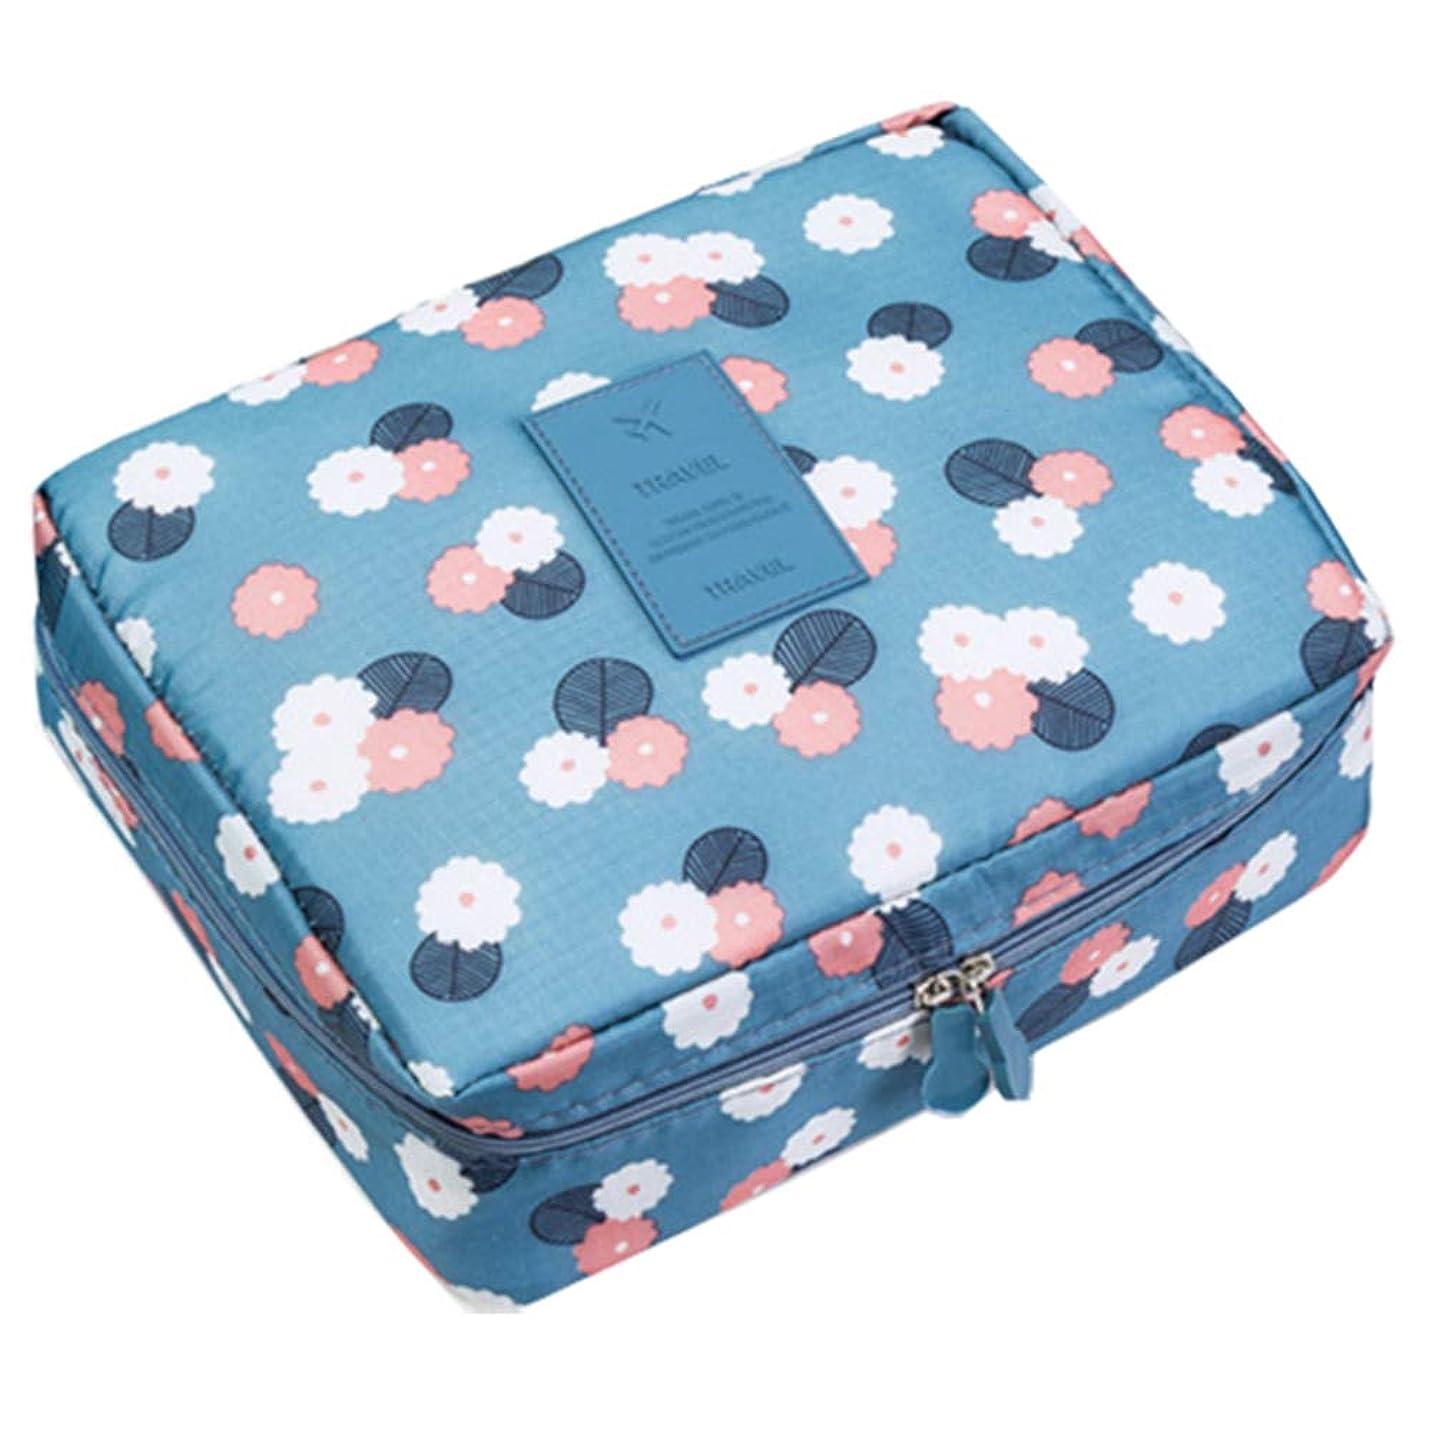 疑いオプション再編成するTemeisi 化粧ポーチ トラベル 収納バッグ 防水 大容量 コスメバッグ 便利 洗面用具入れ 旅行 小物入れ メイクボックス トイレタリーバッグ